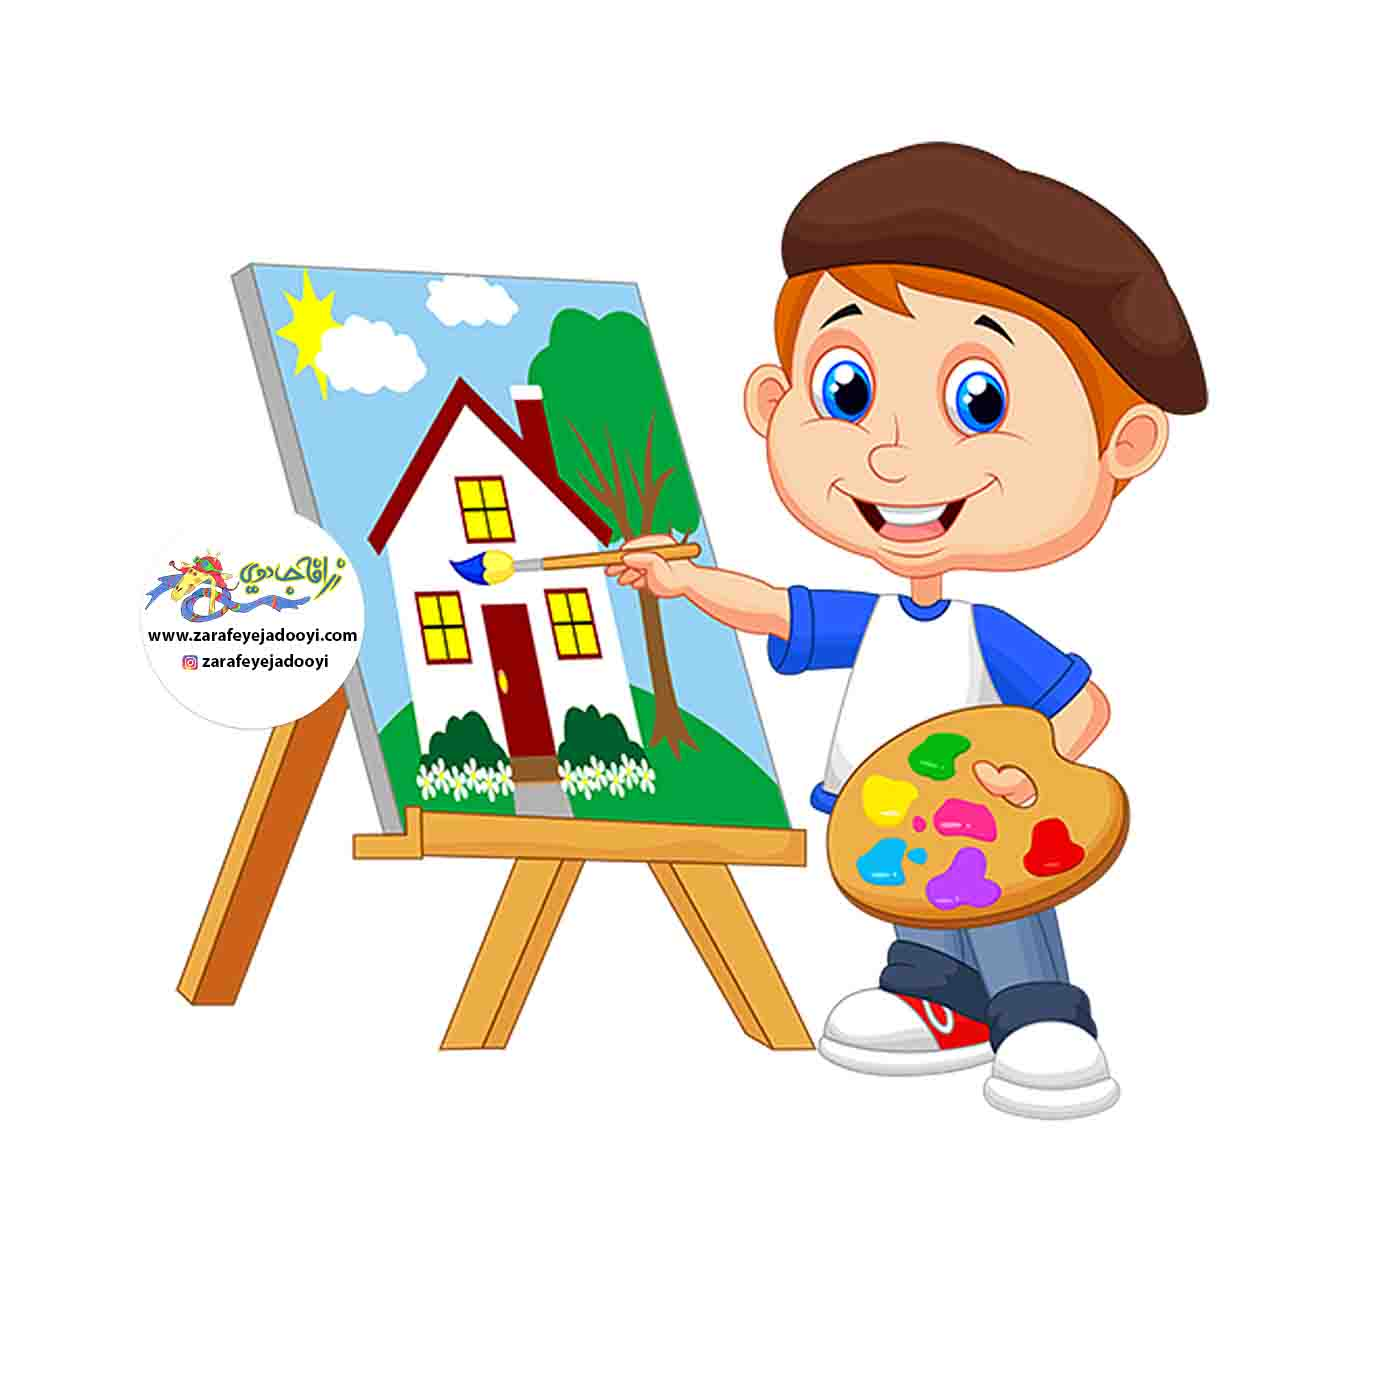 زرافه جادویی - تشویق کودک به یادگیری هنر